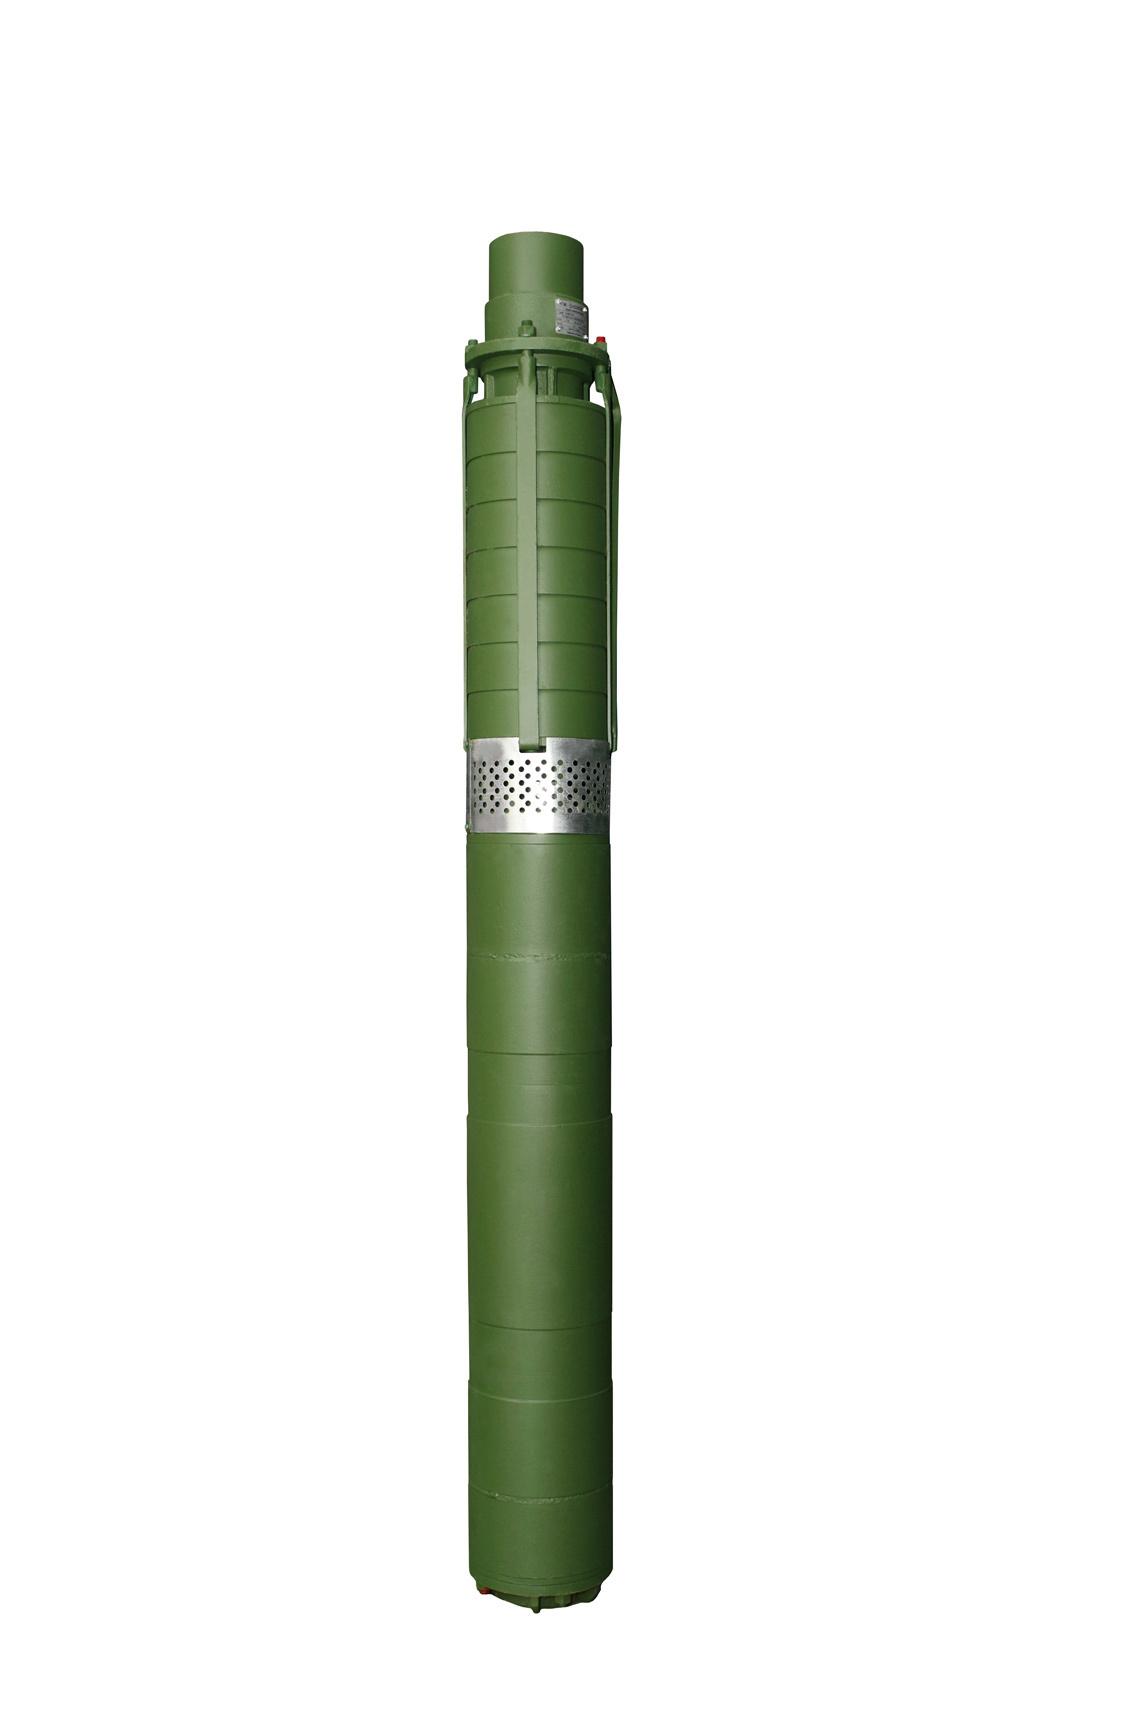 ЭЦВ 10-65-110